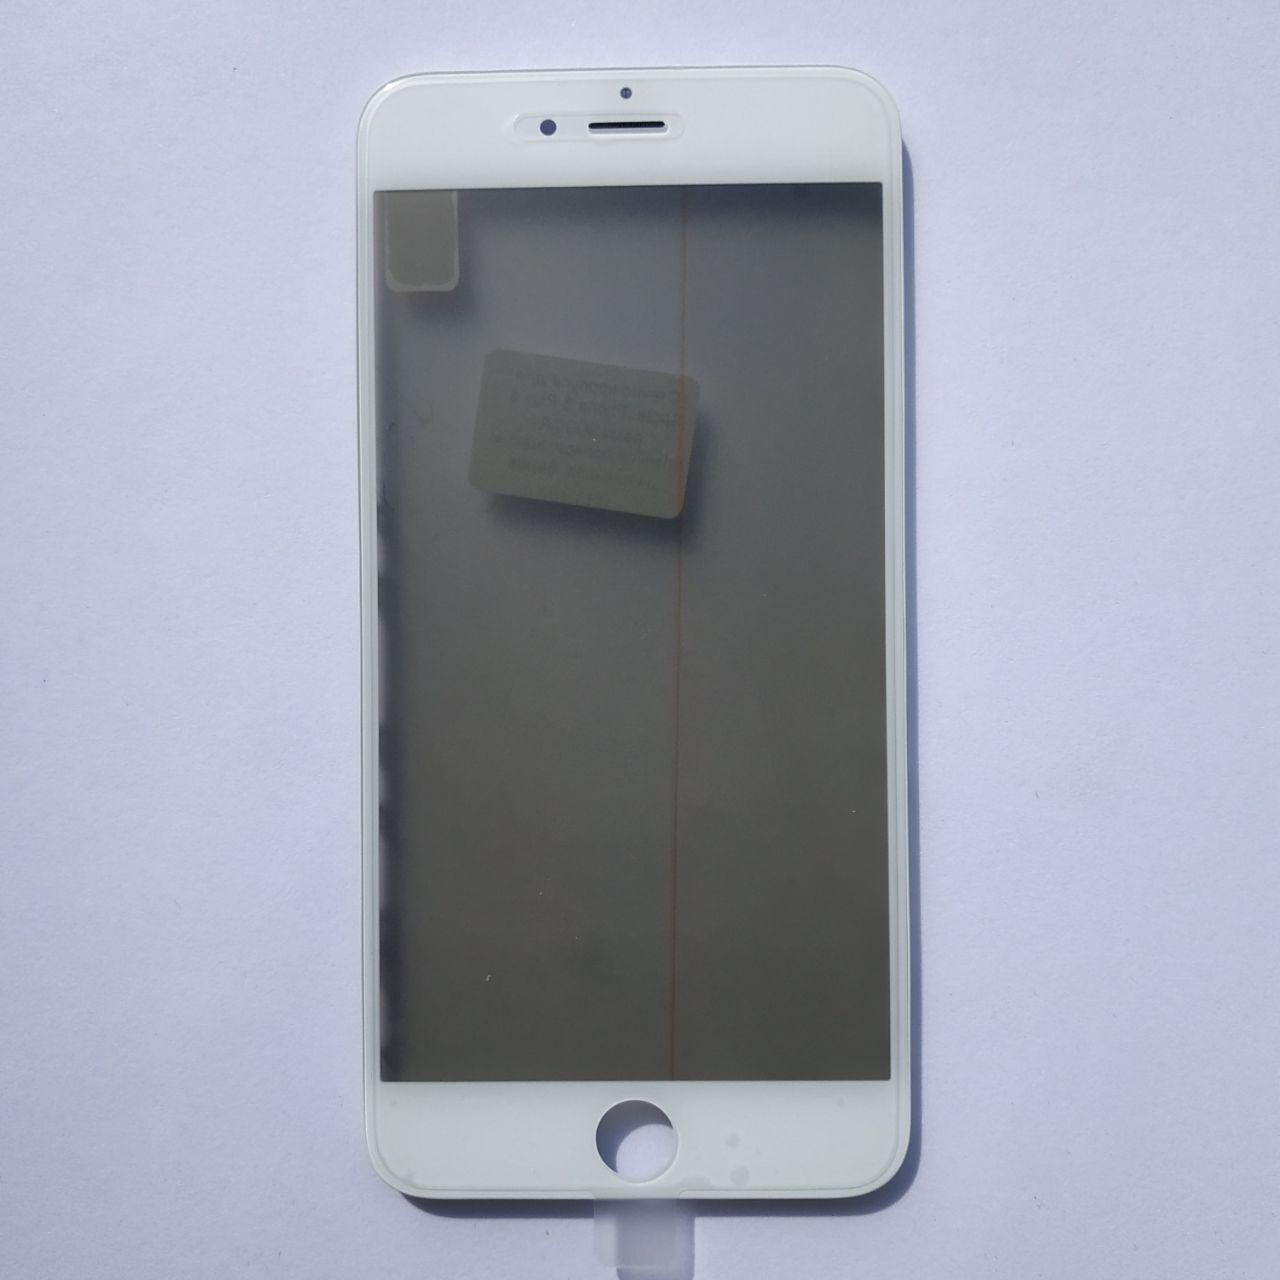 Скло корпуса Apple iPhone 6 Plus з рамкою, OCA плівкою, поляризаційної плівкою White